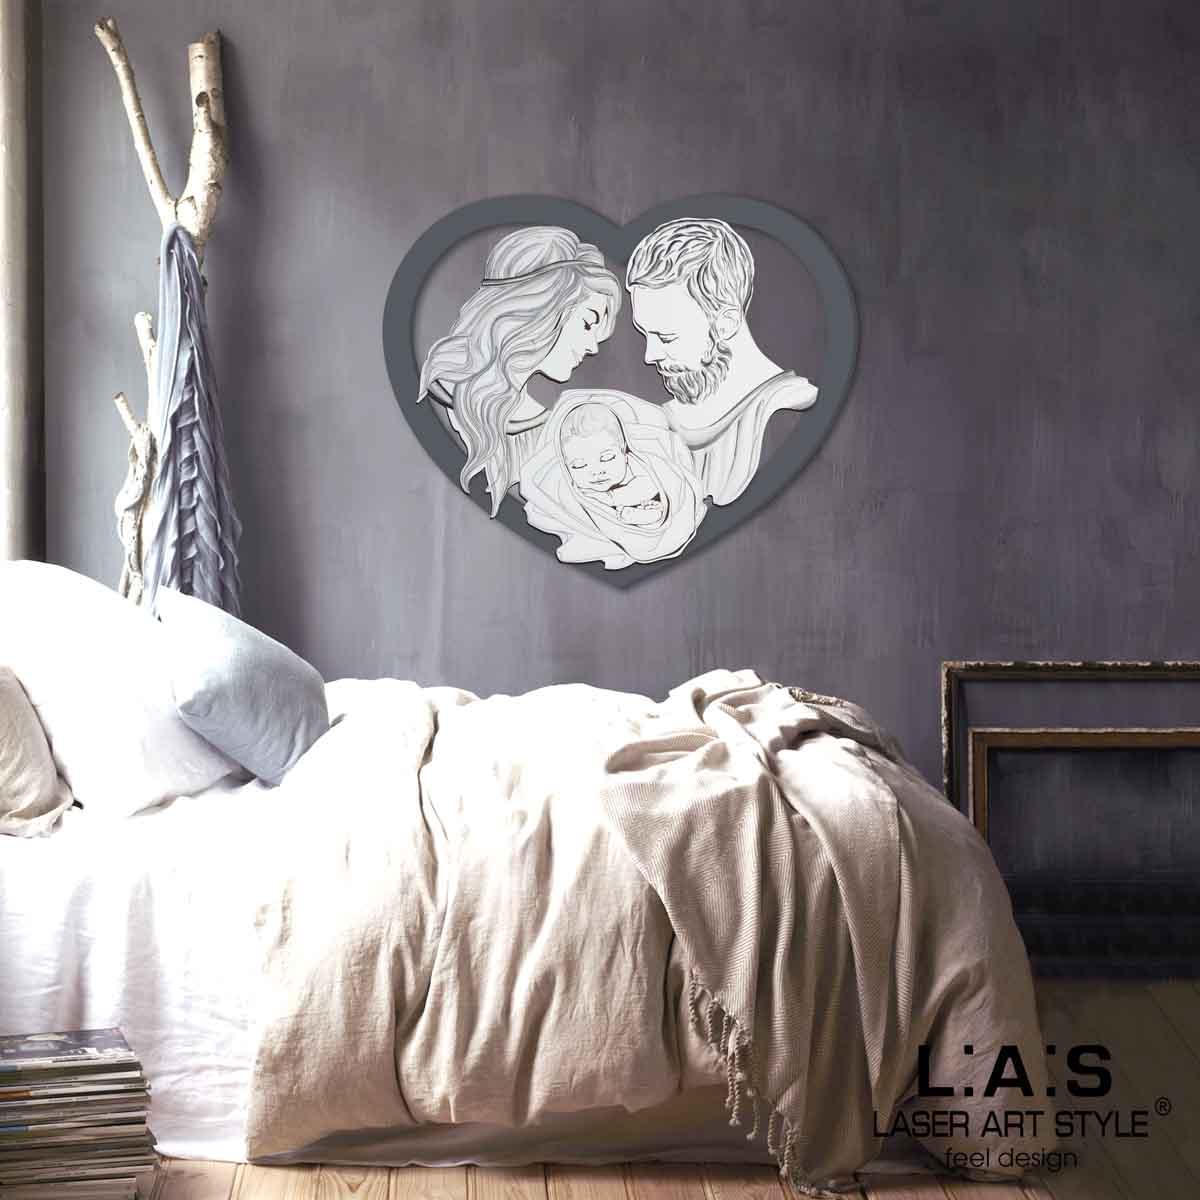 L:A:S - Laser Art Style - CAPEZZALE MODERNO – DESIGN SACRA FAMIGLIA – SI-530 ANTRACITE-DECORO TONI FREDDI